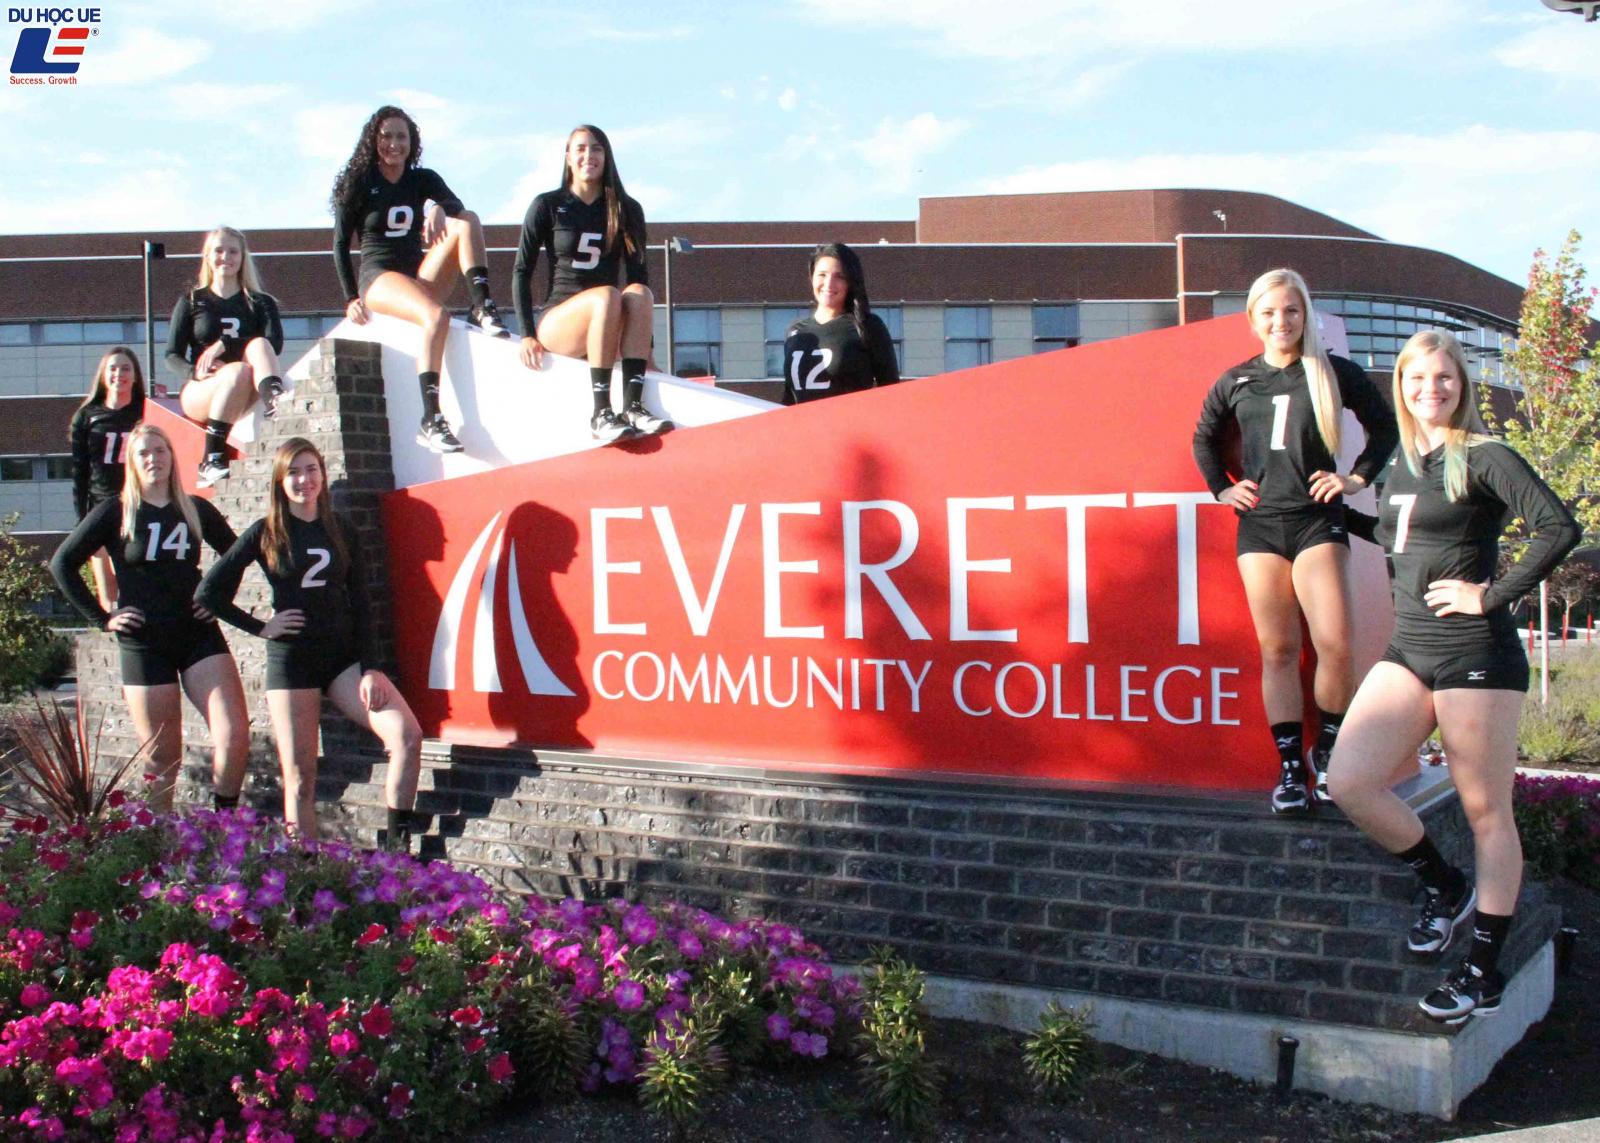 Everett Community College - Mái nhà chung của sinh viên quốc tế ở xứ sở cờ hoa 2